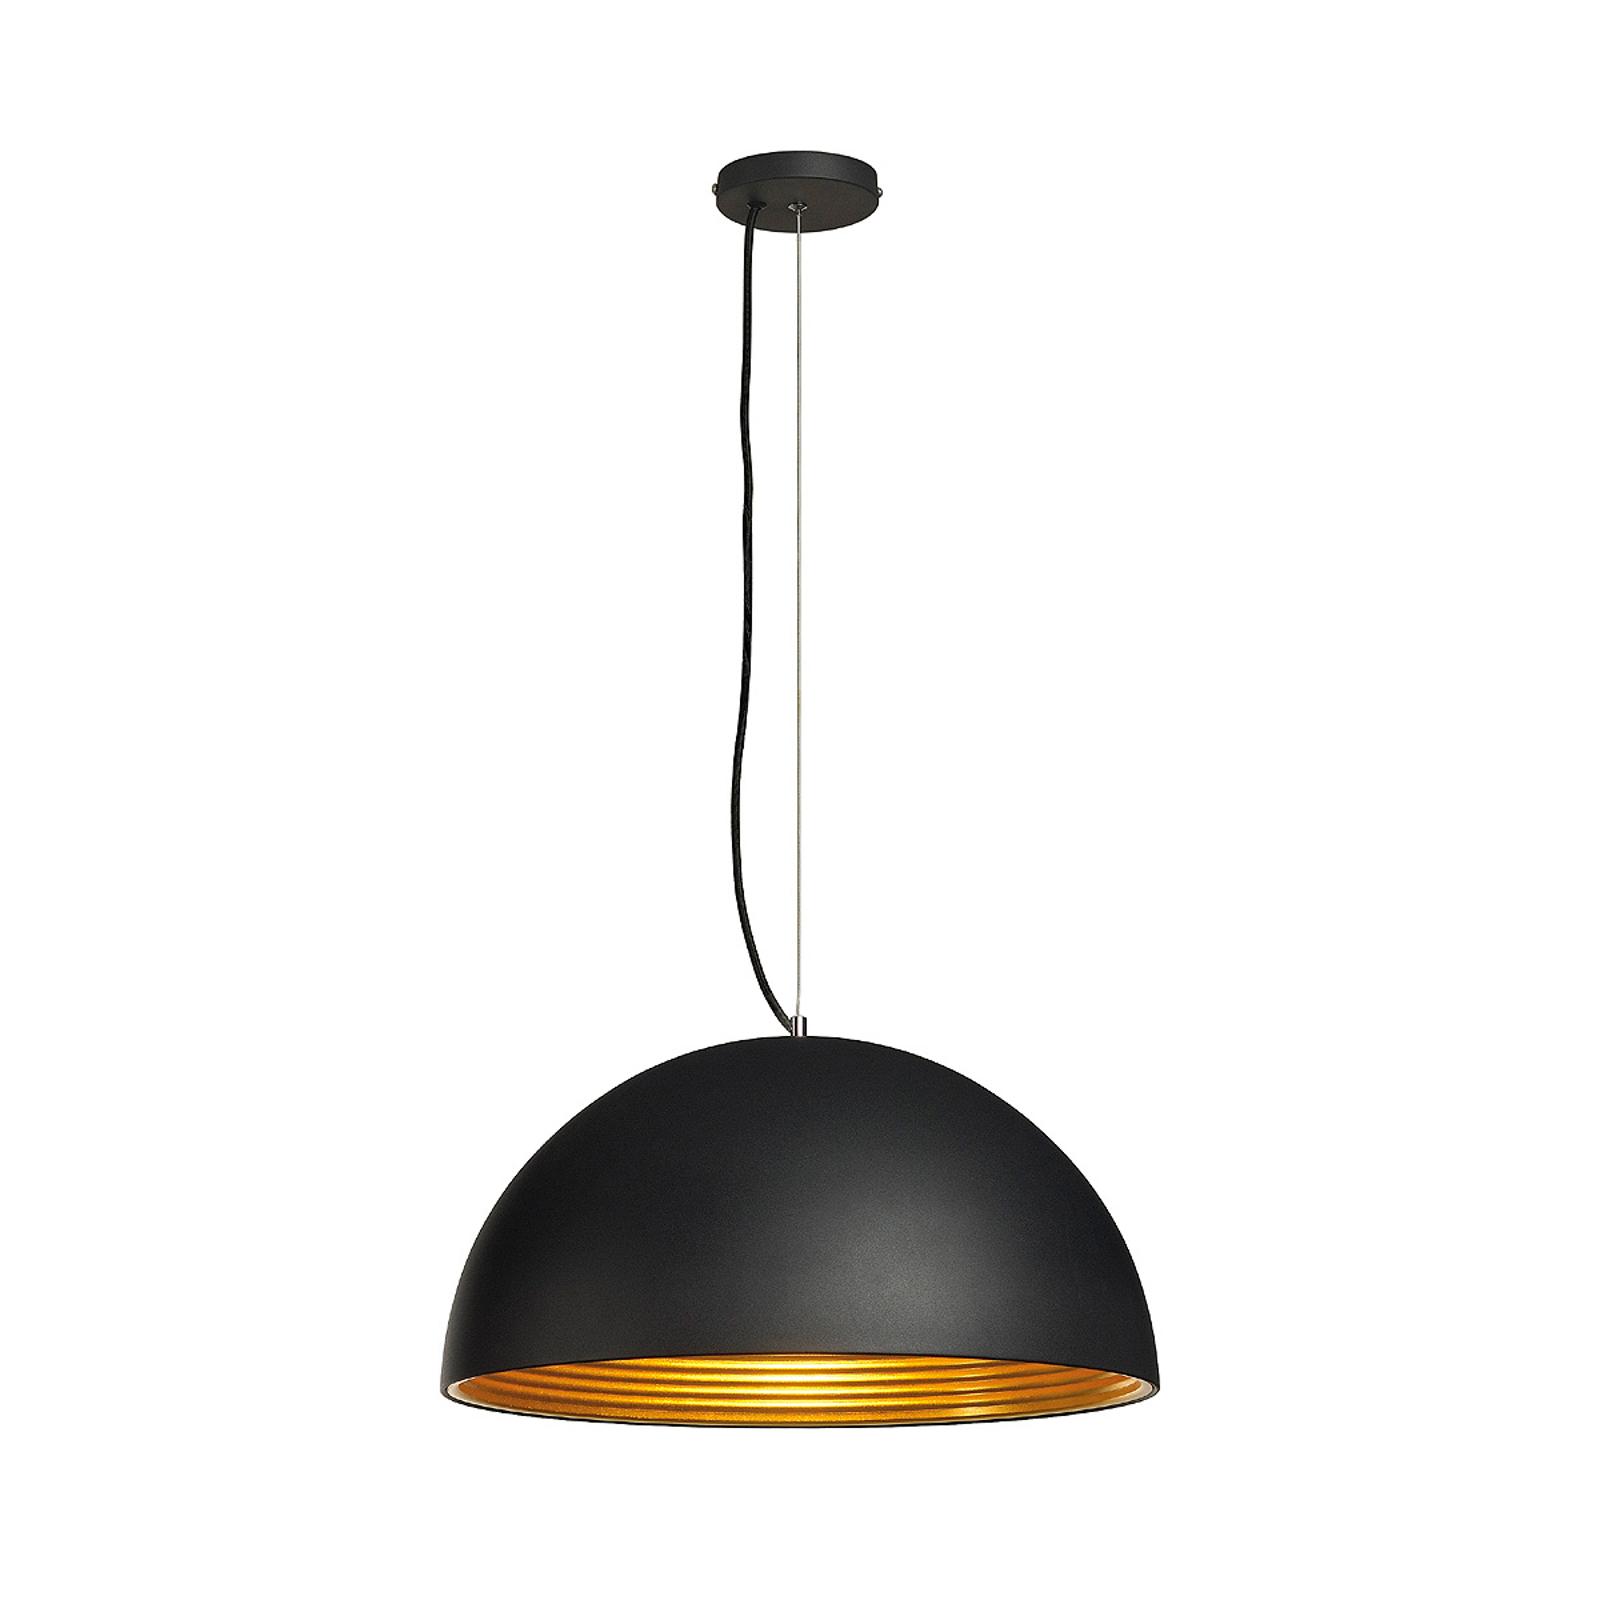 Lampa wisząca FORCHINI M, 50 cm, czarno-złota